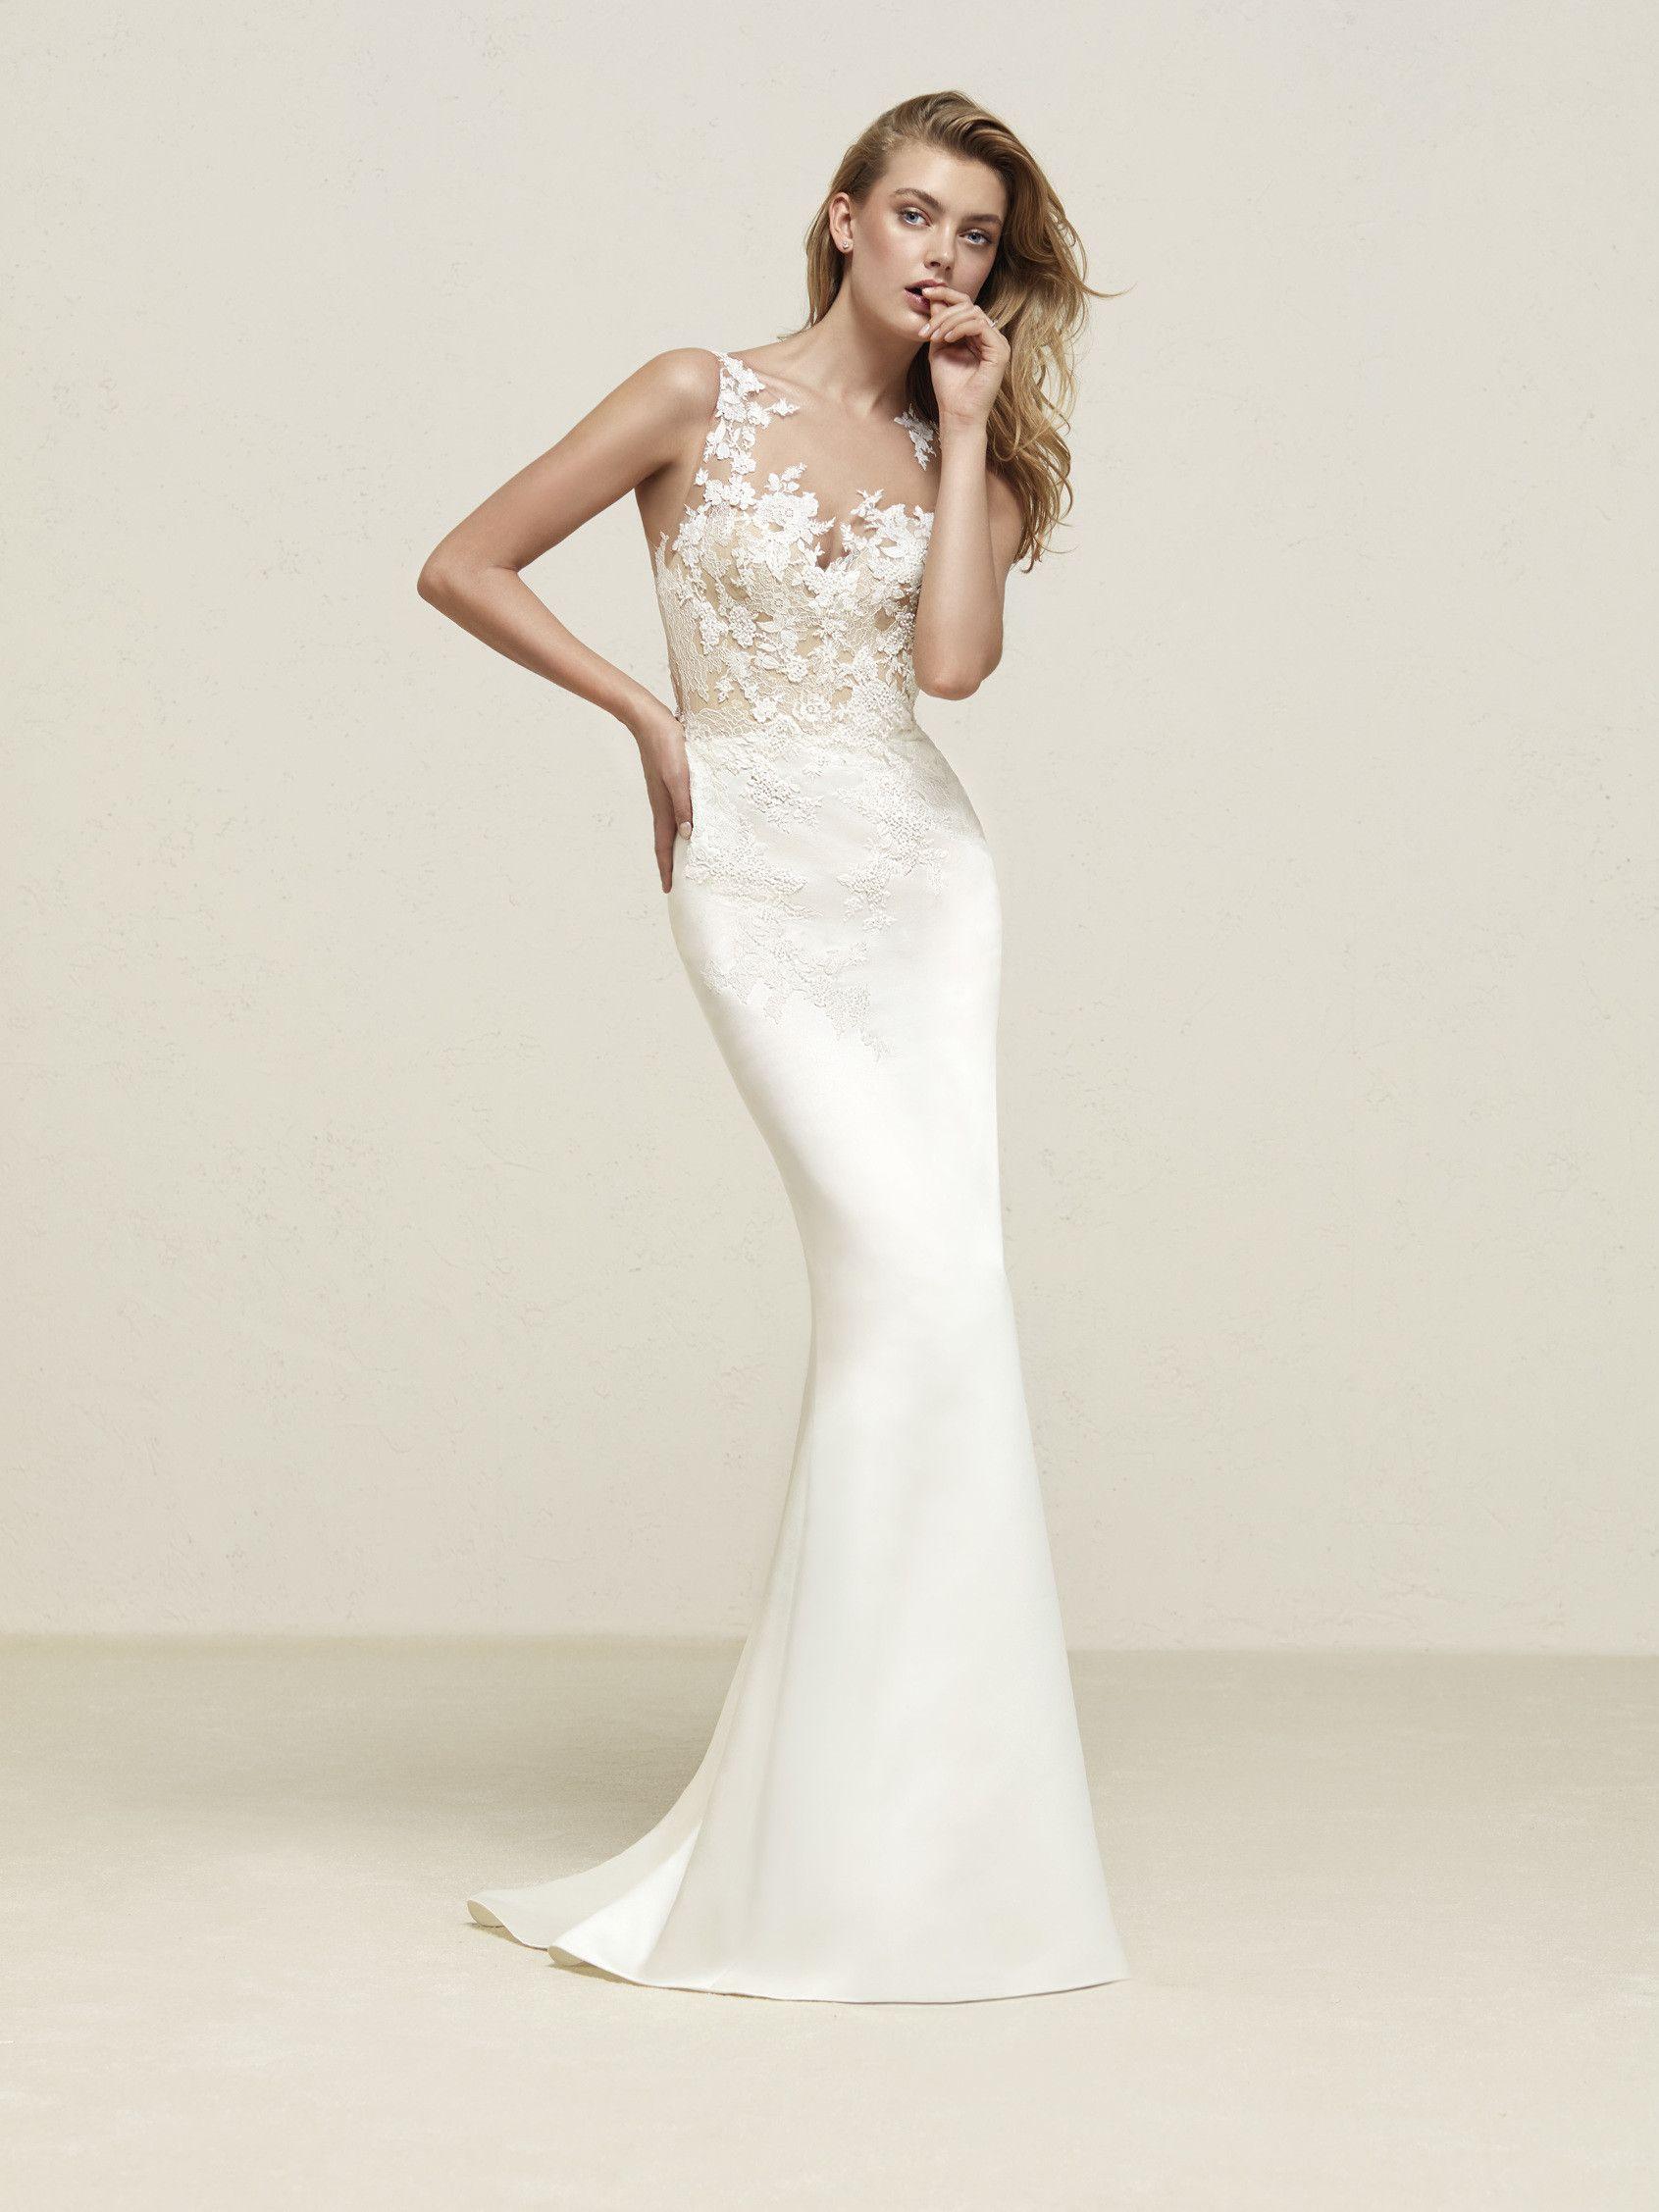 Vestido de novia cuerpo ilusión  485cde9a4b04